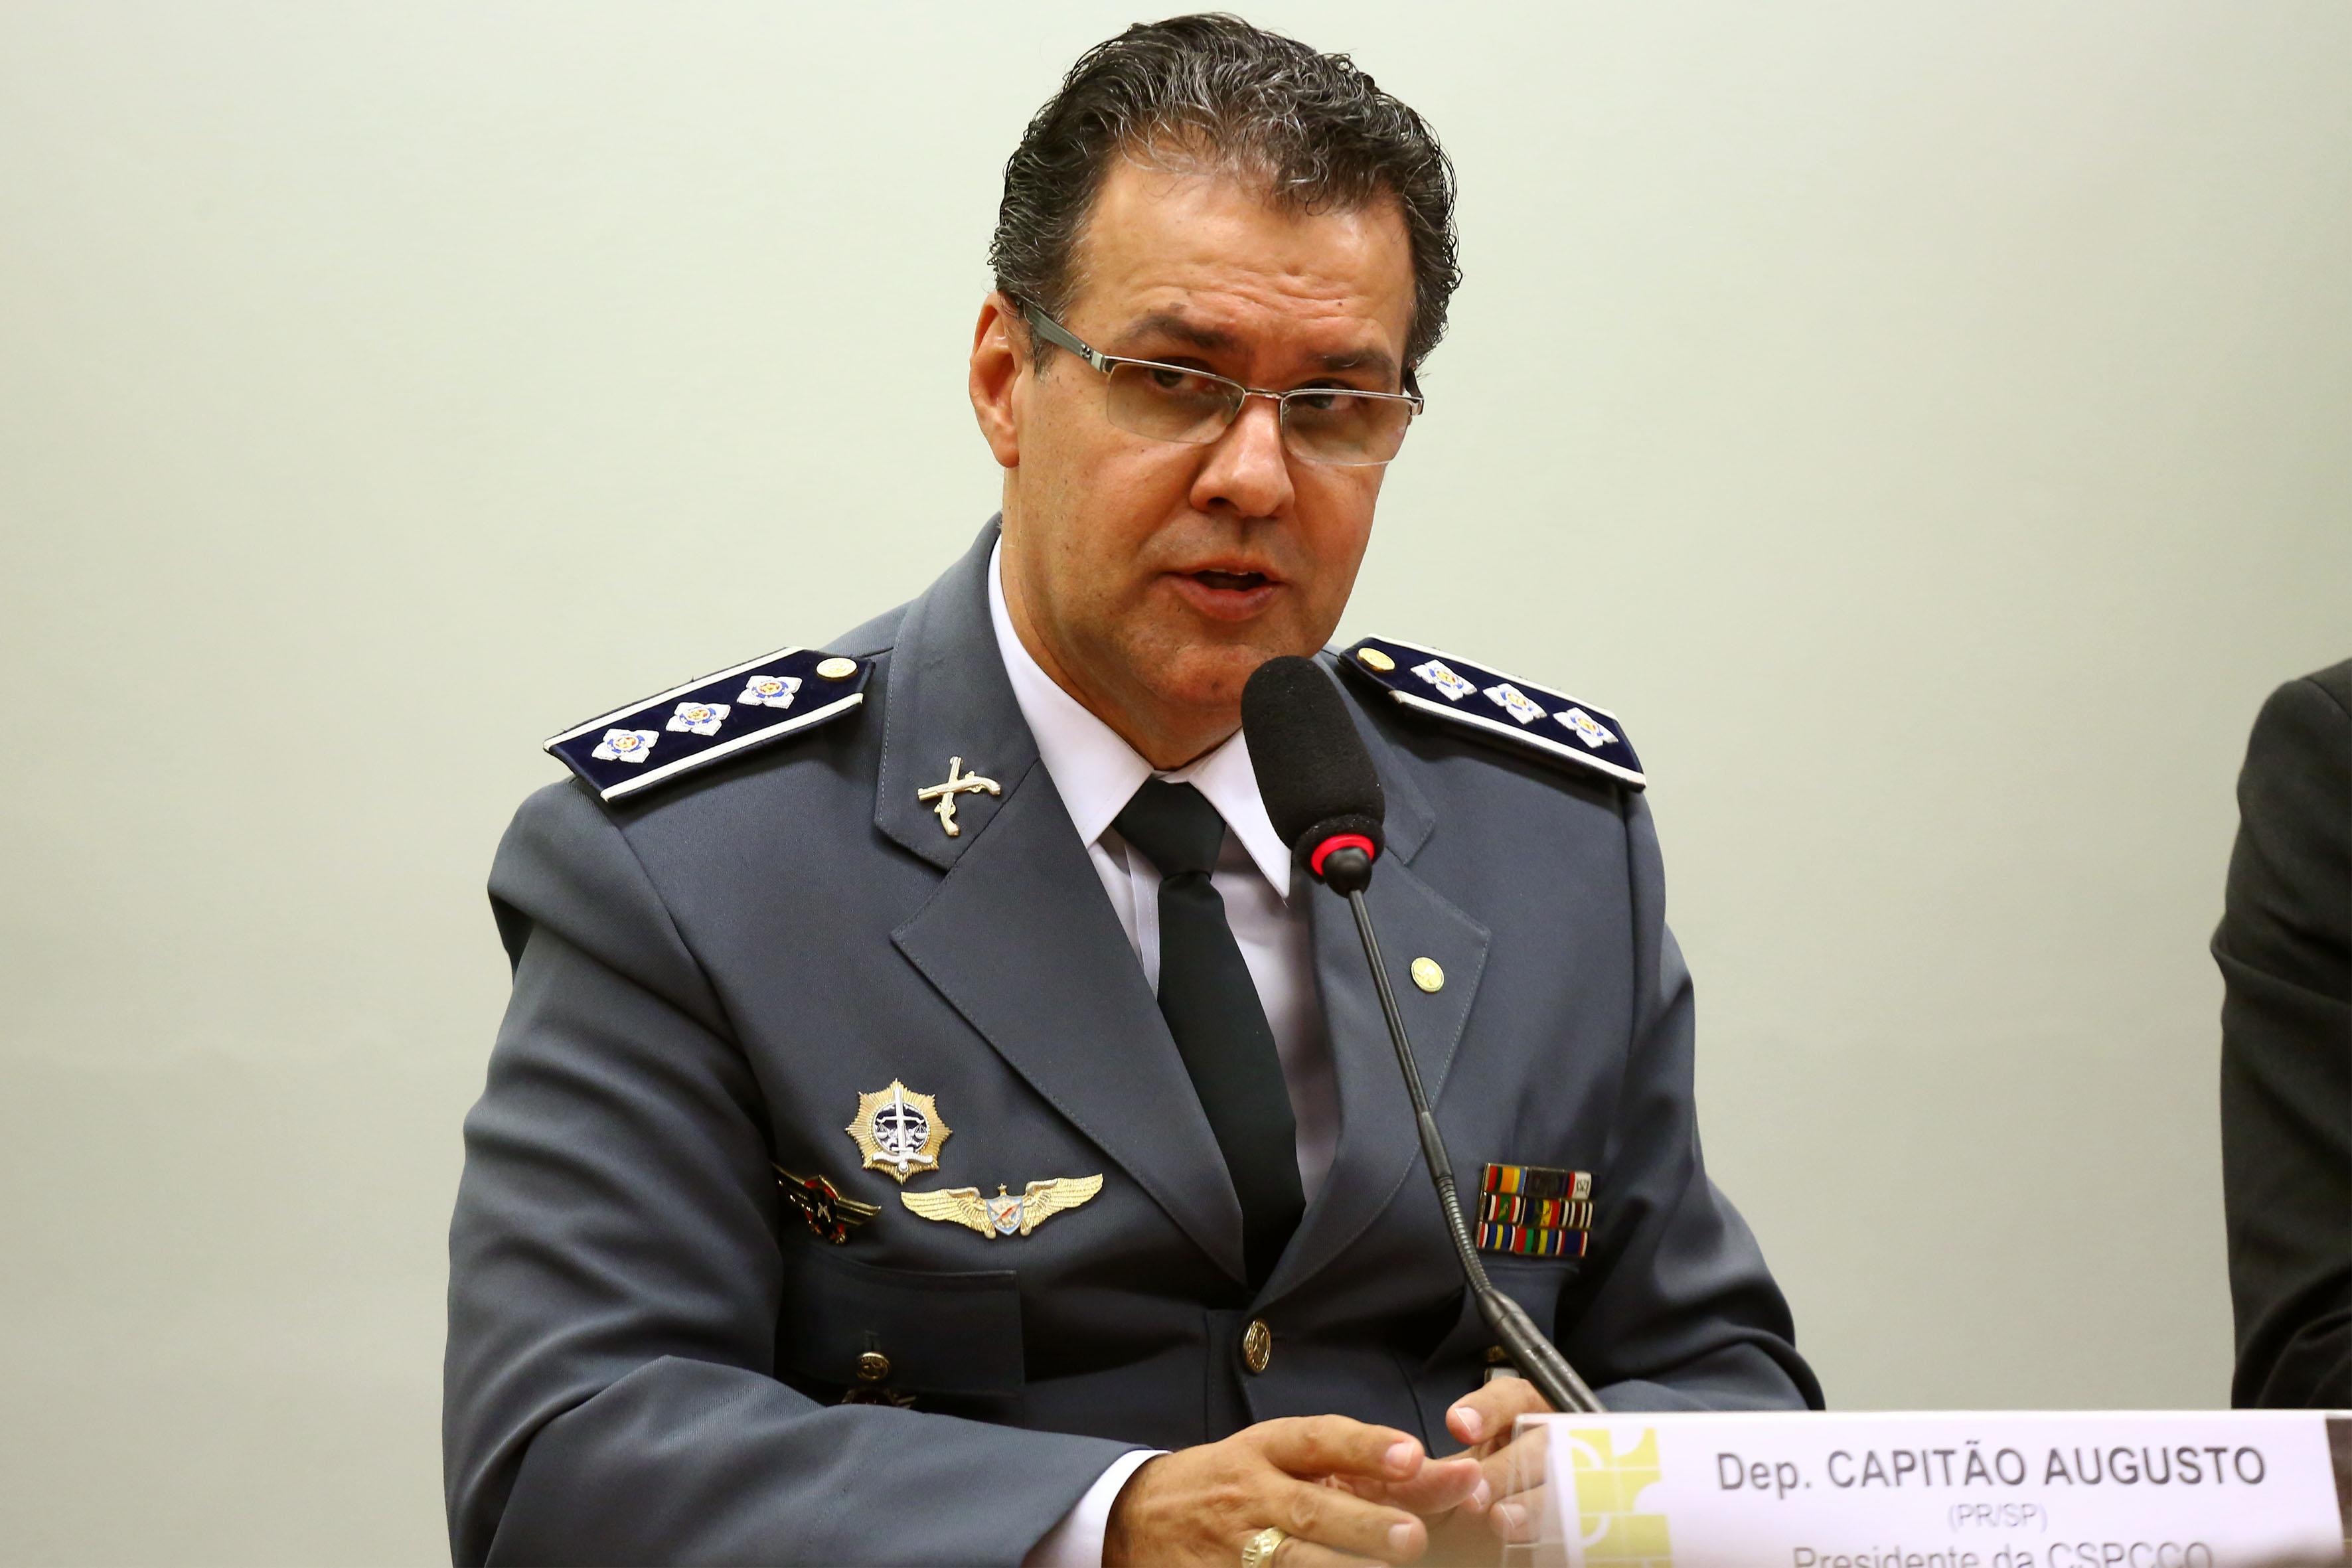 Audiência pública para debater temas referentes à lavratura do Termo Circunstanciado de Ocorrência. Dep. Capitão Augusto (PR - SP)